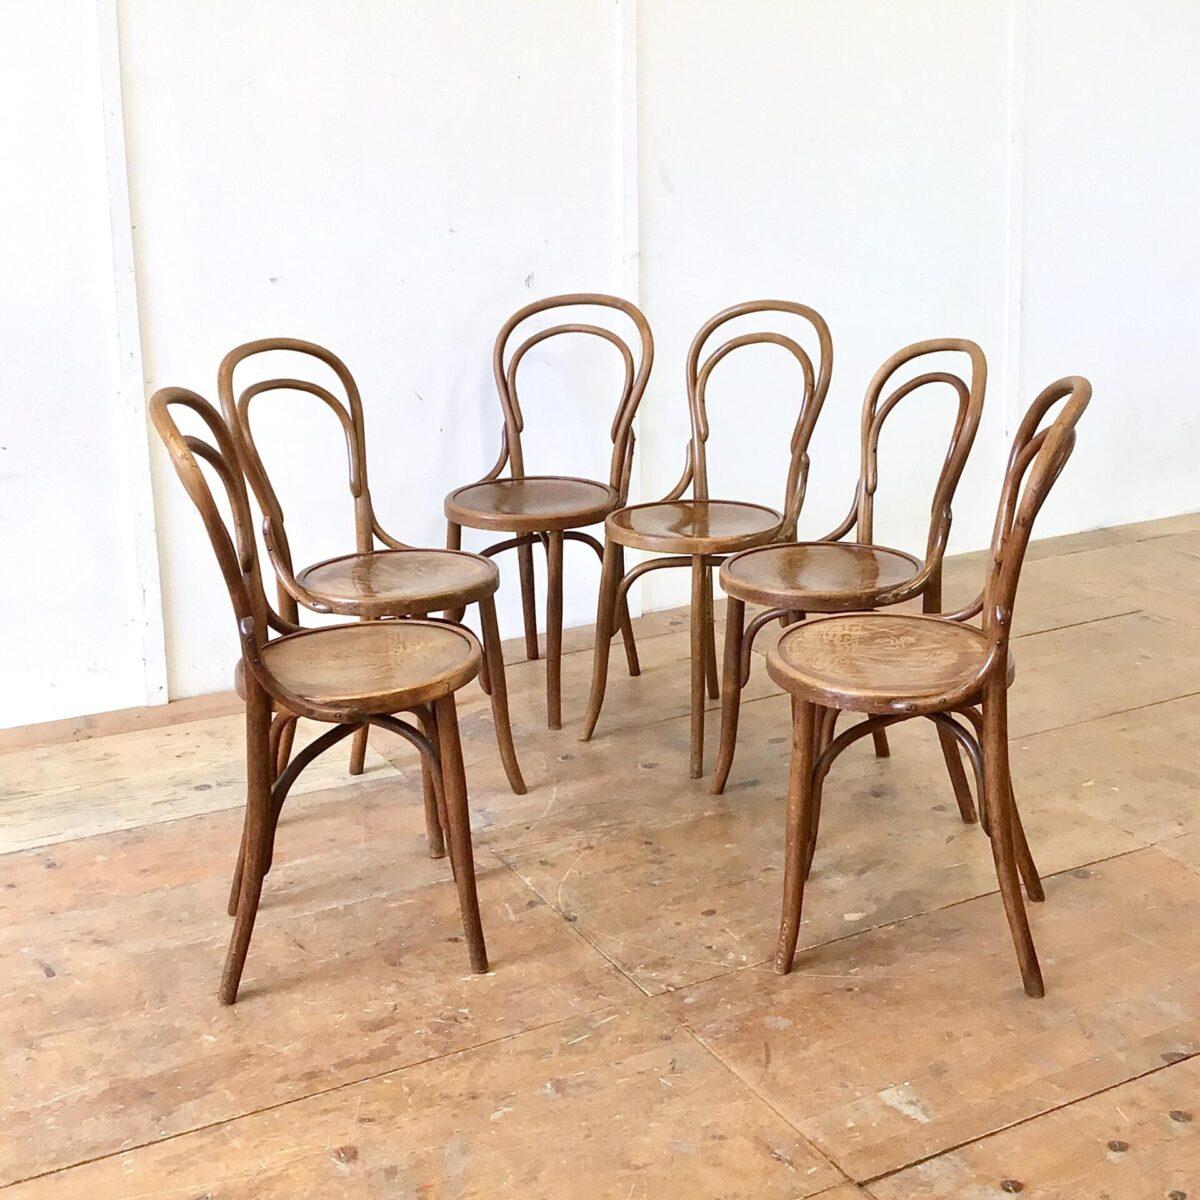 6er Set Bistrostühle von horgenglarus restauriert. Diese alten Bugholzstühle haben ein schönes Blumenmuster auf der Sitzfläche. Technische Mängel, wie wacklige Vorderbeine, sind frisch verleimt. Warme Kastanienbraune Alterspatina. Unter der Sitzfläche haben die Stühle, die etwas selteneren, Kreuzverstrebungen.